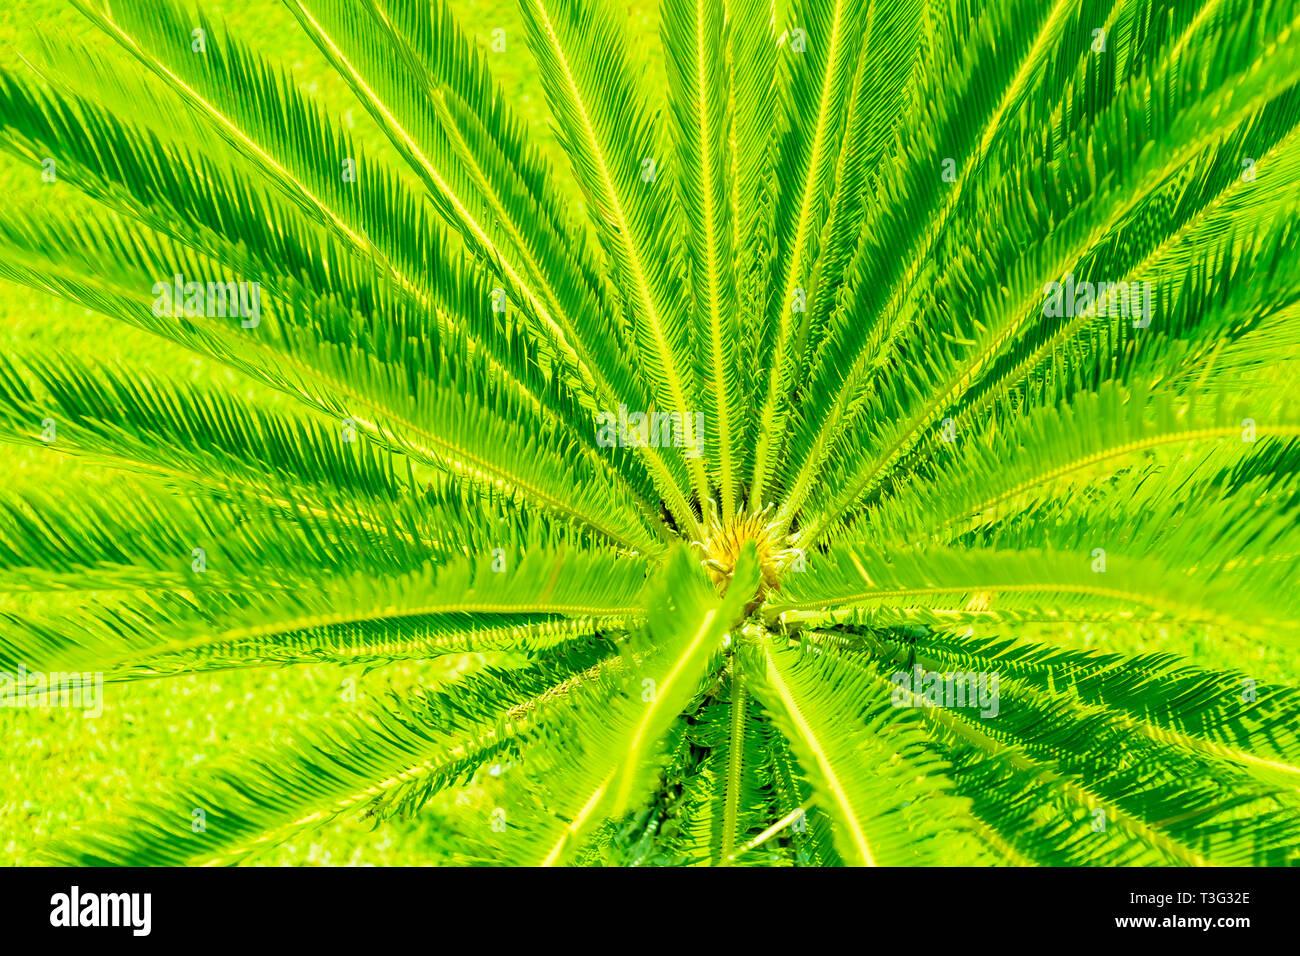 Creative Palma Tropicali Disposizione Lascia Acceso Con Ufo Luce